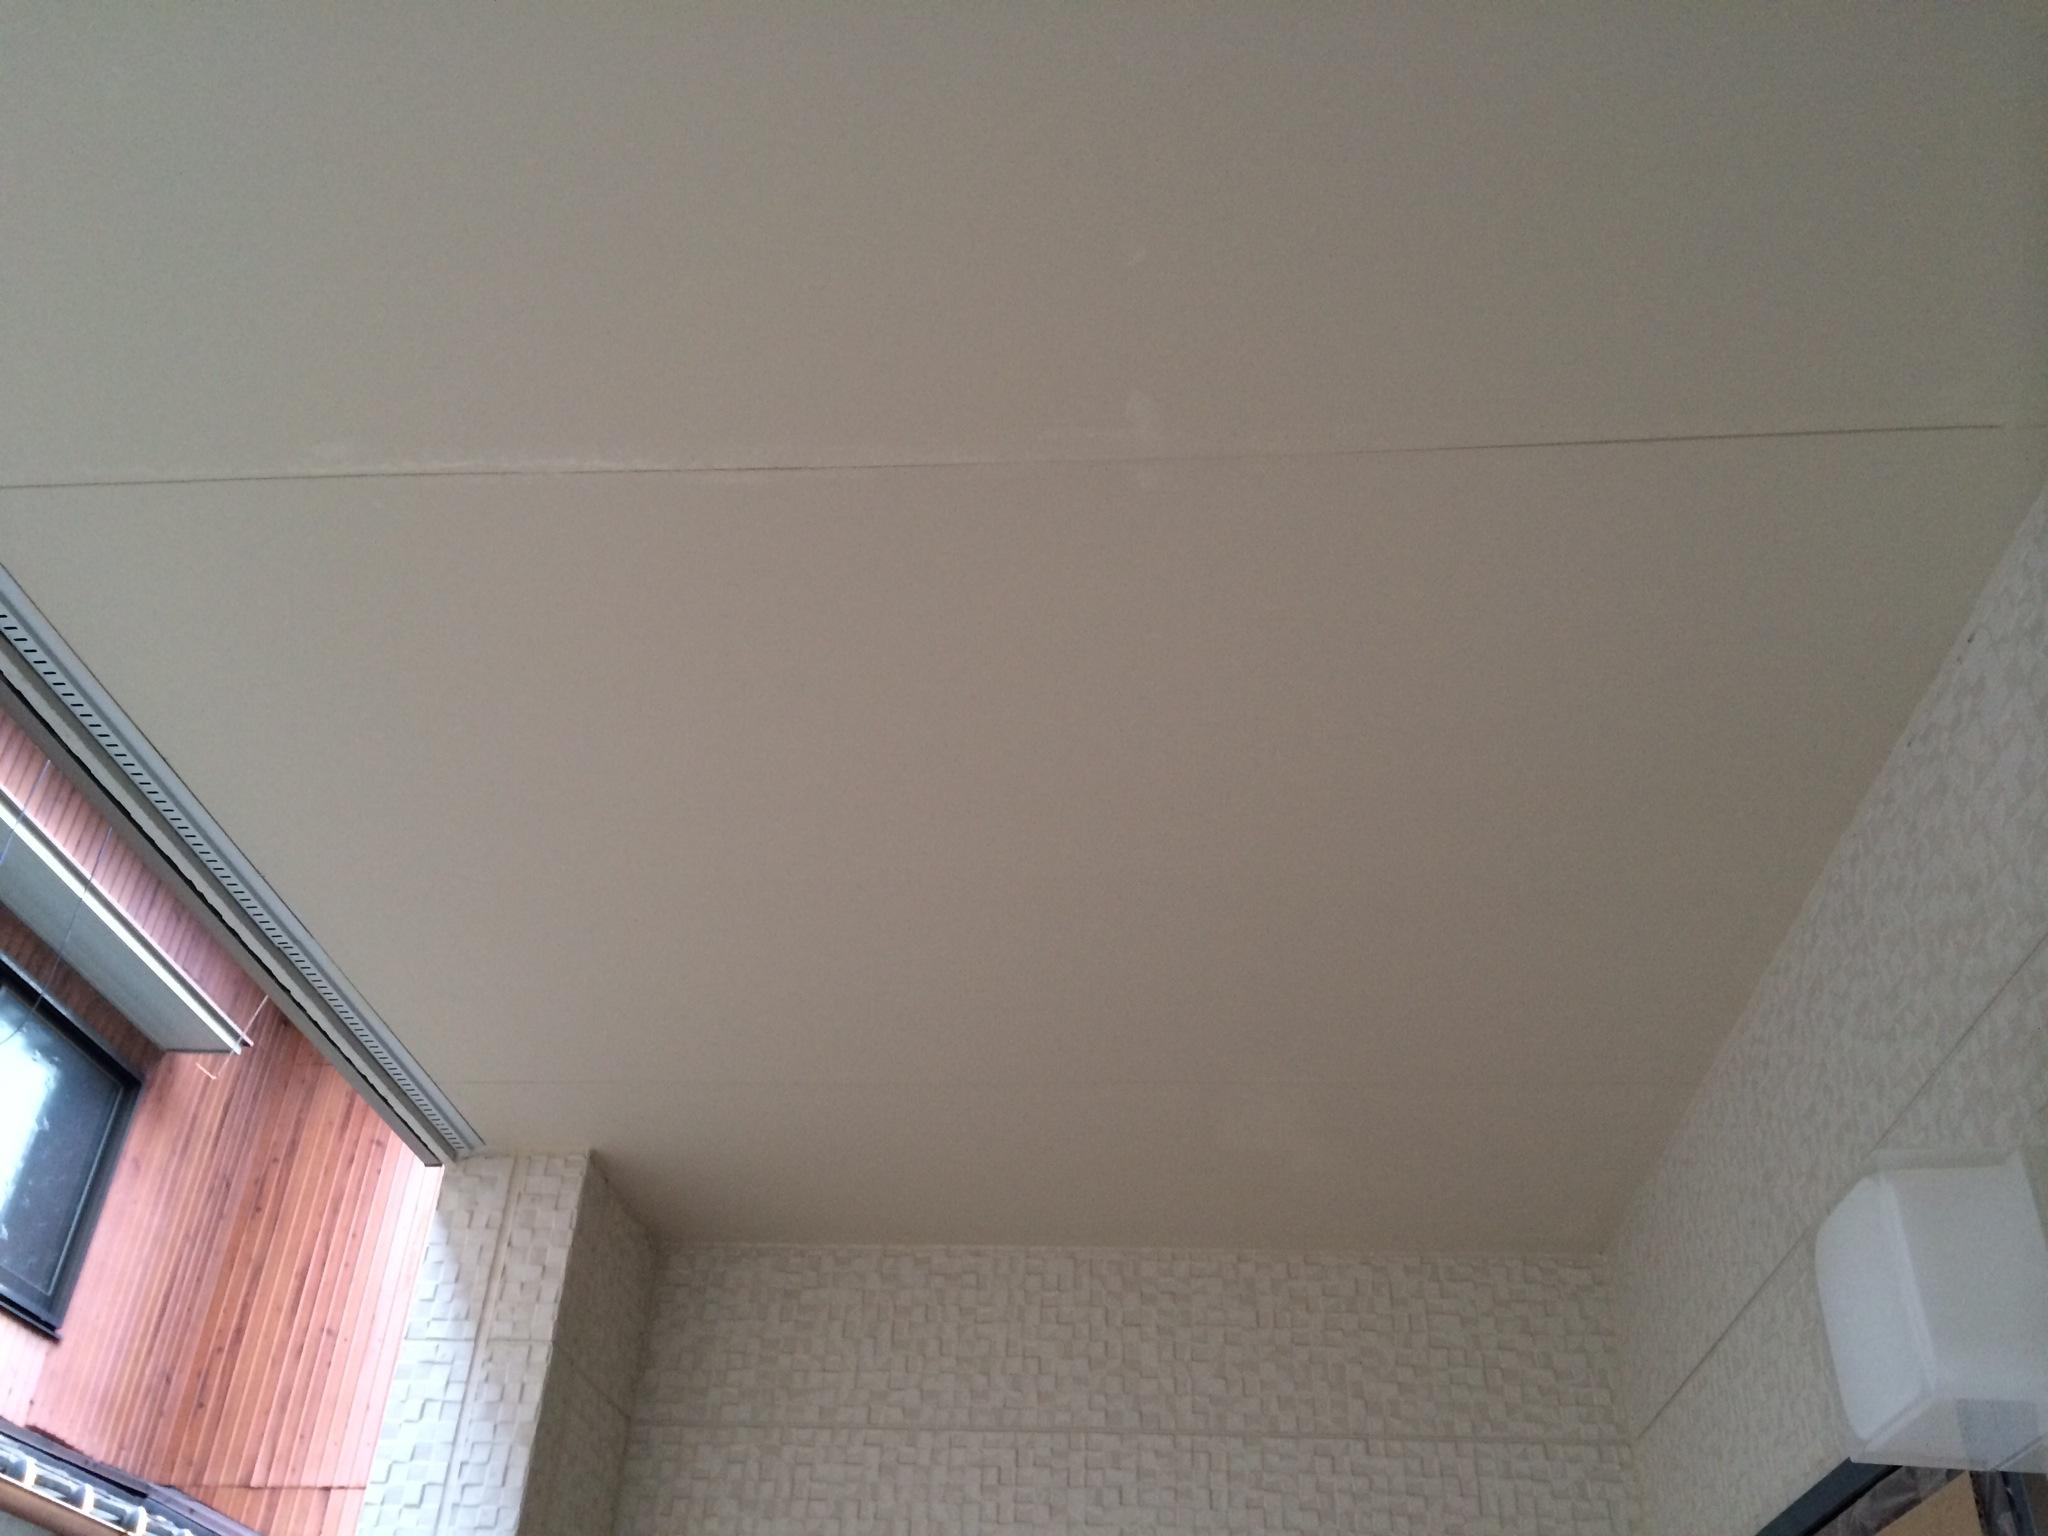 愛知県あま市での新築アパート軒天塗装工事をご紹介します。 ビス穴と呼ばれるものを、パテで埋めてか...